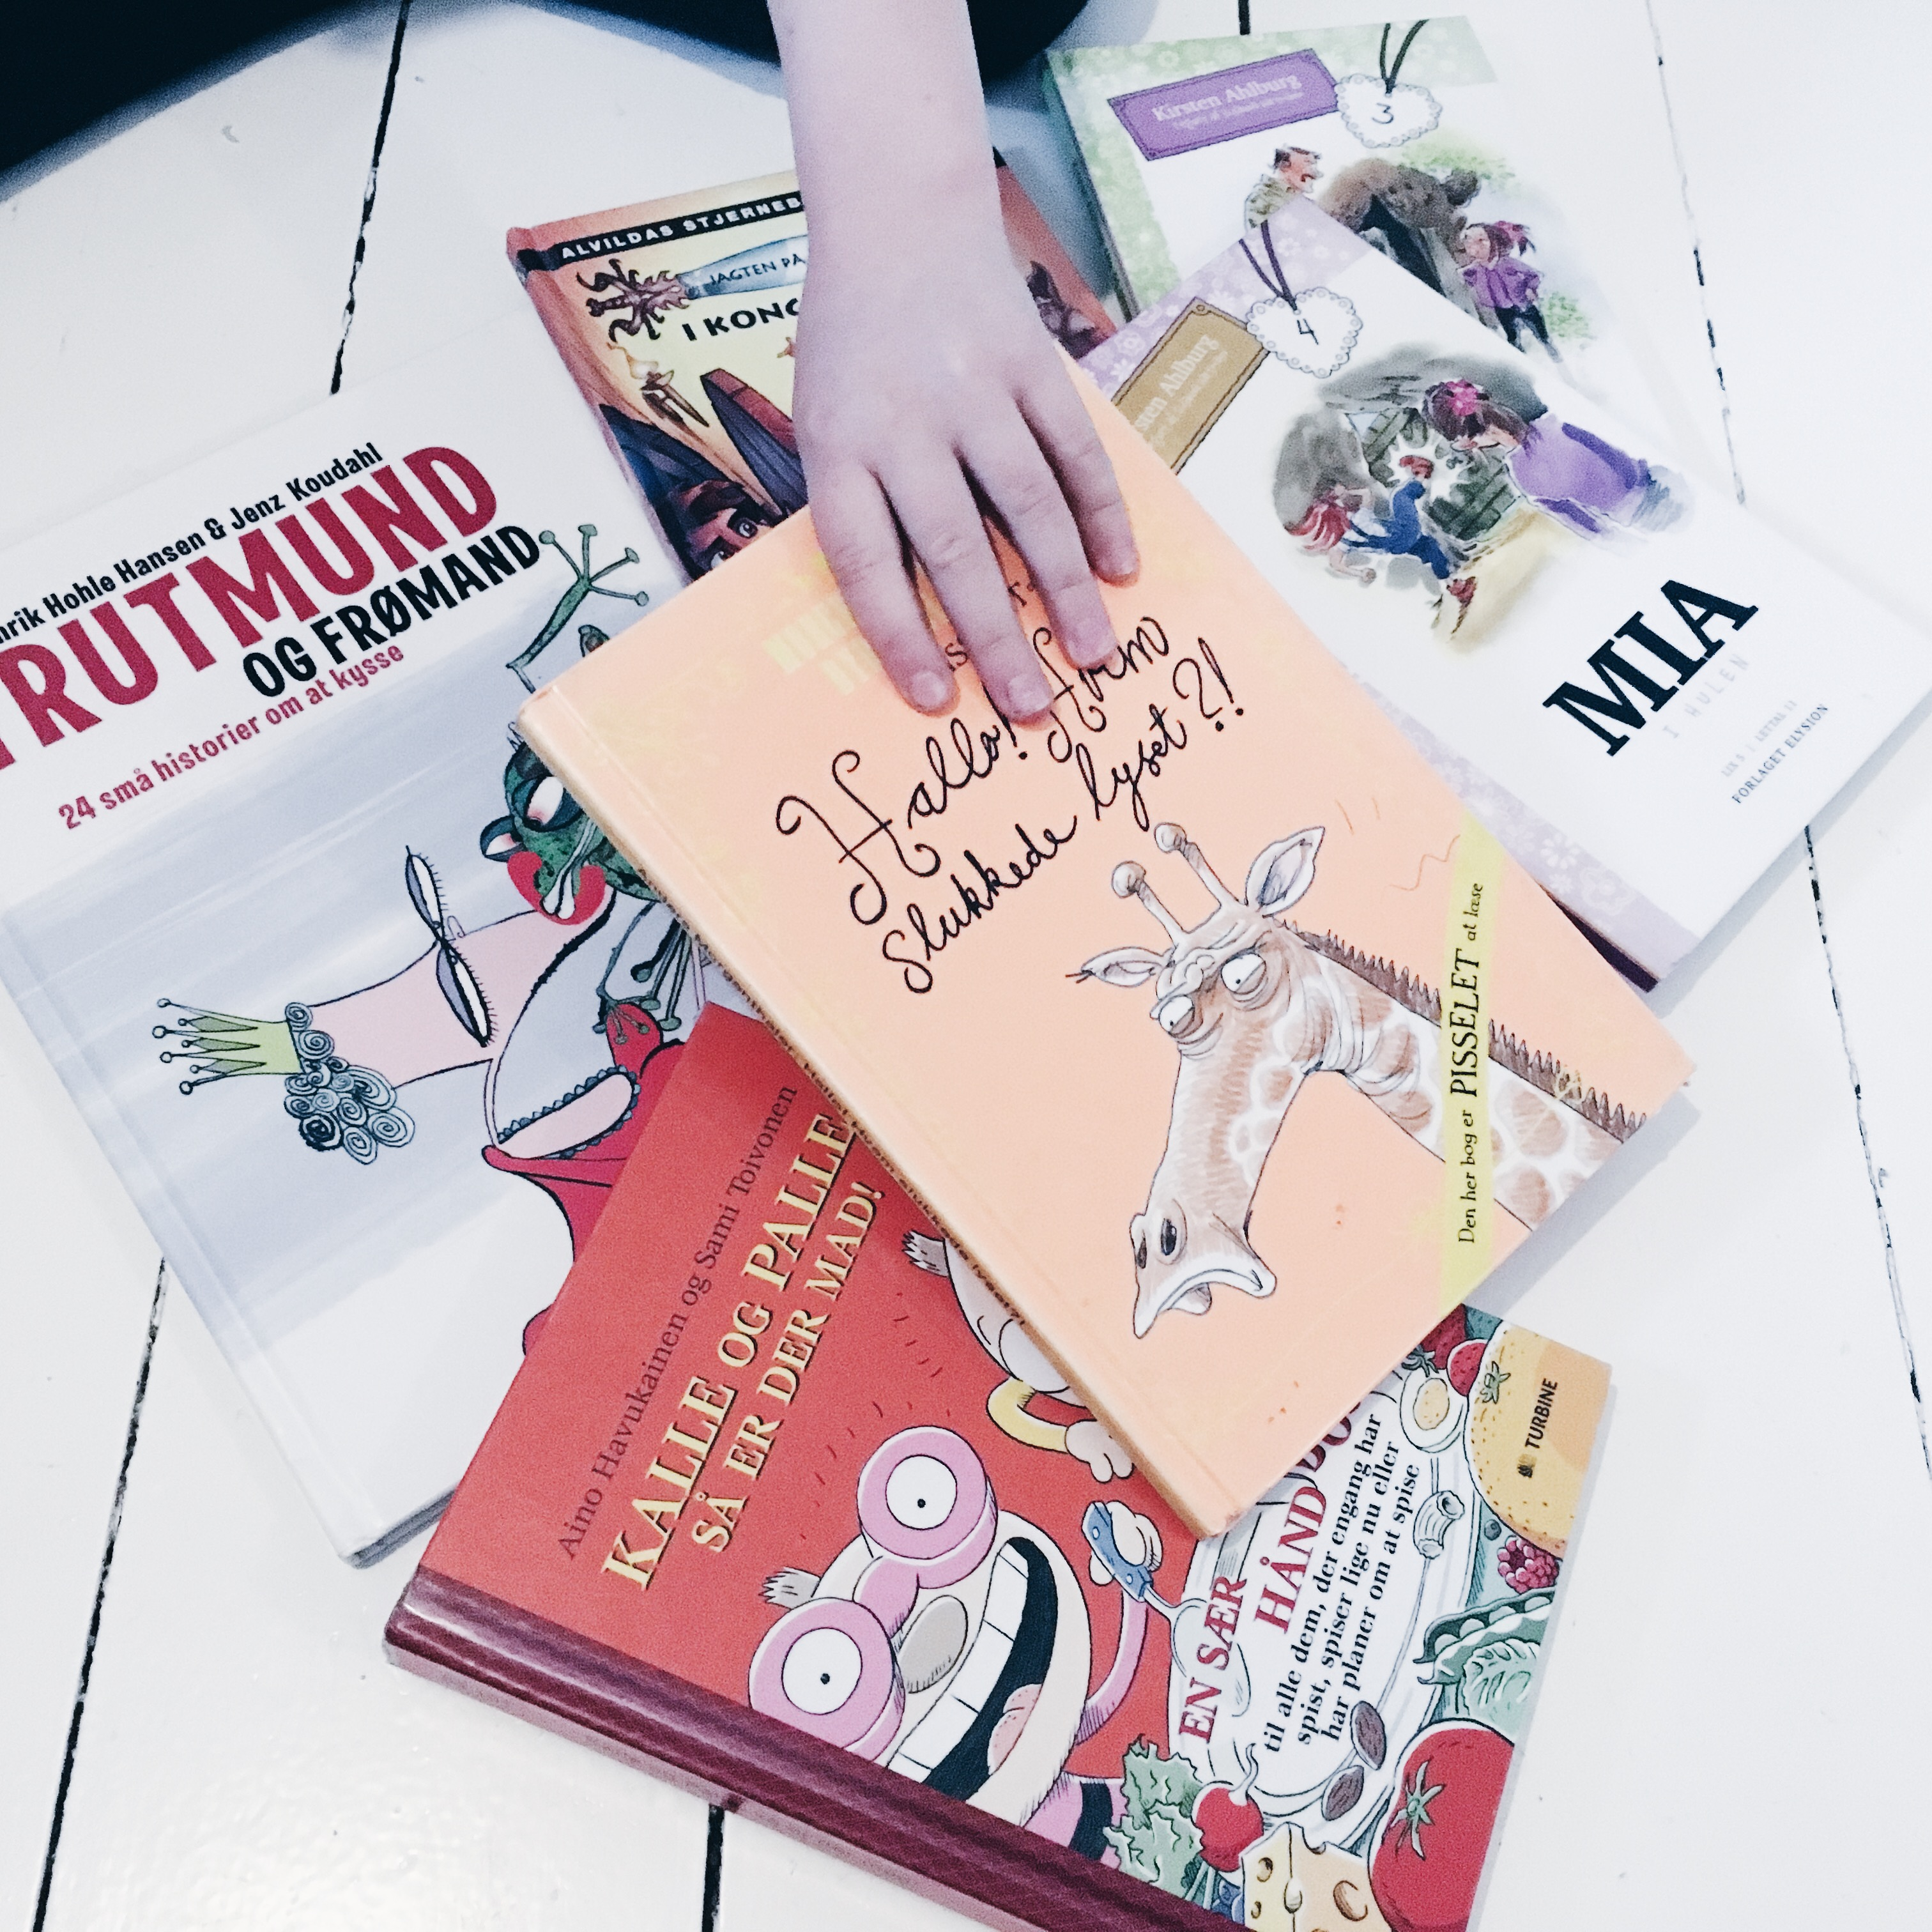 børnebøger